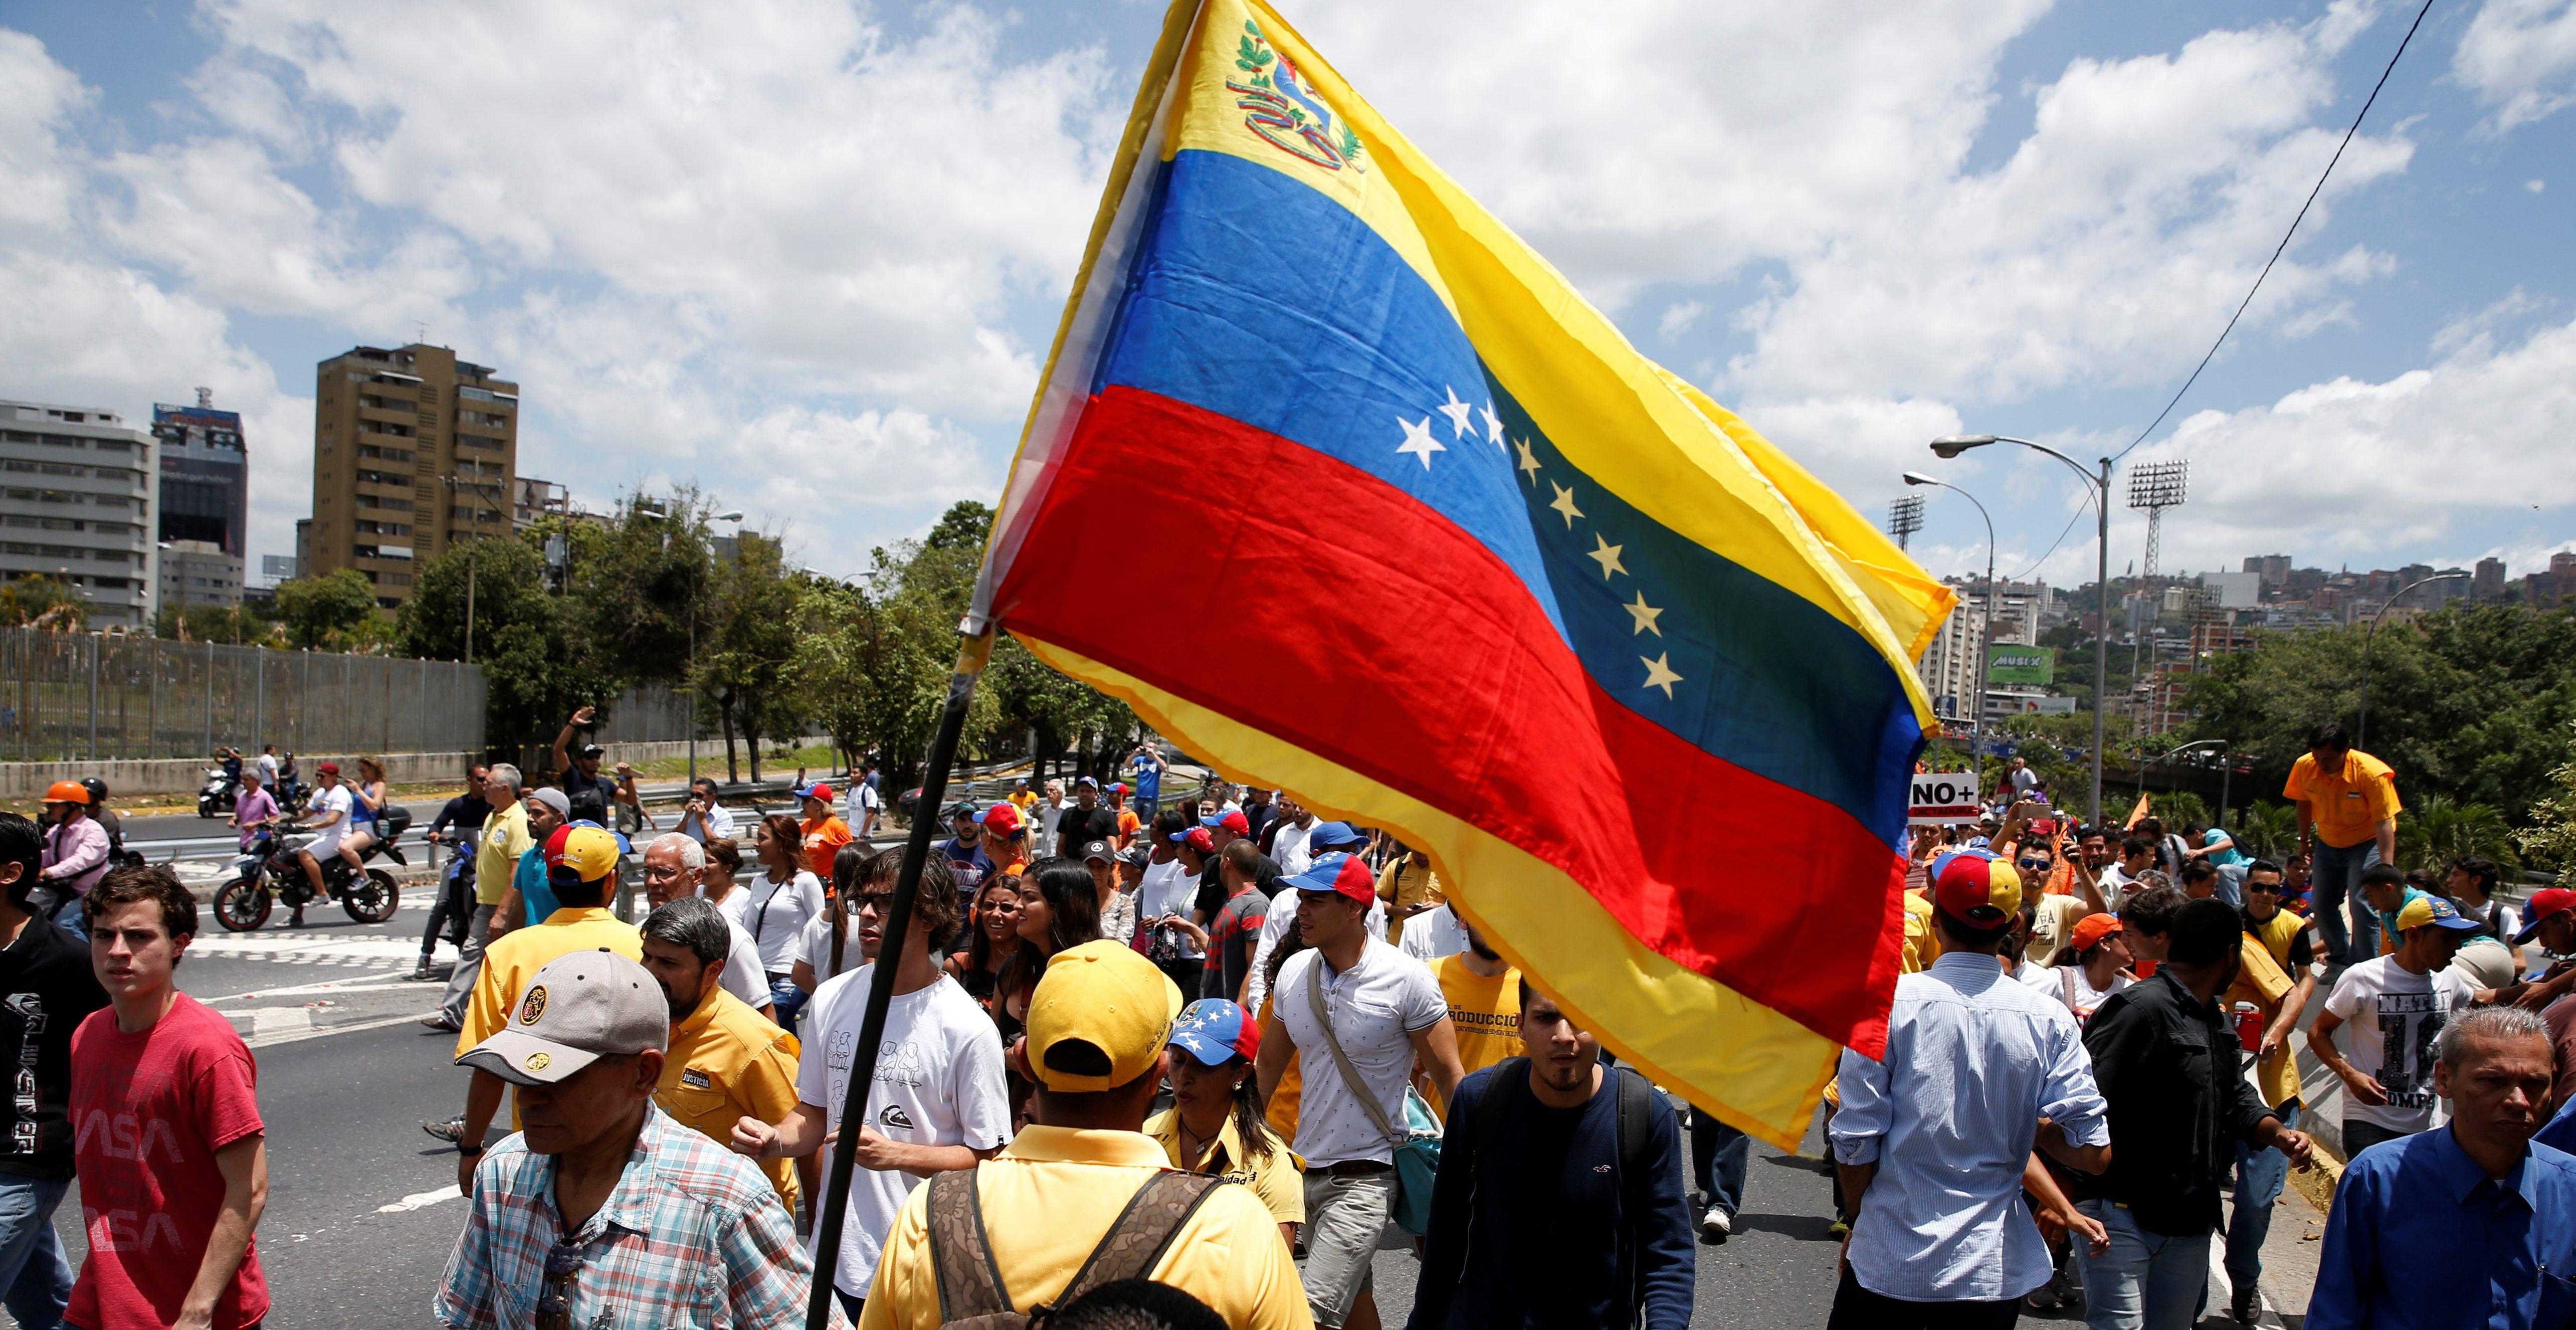 Βενεζουέλα για ΗΠΑ: «Αντίκεινται απόλυτα στο διεθνές δίκαιο οι κυρώσεις τους»